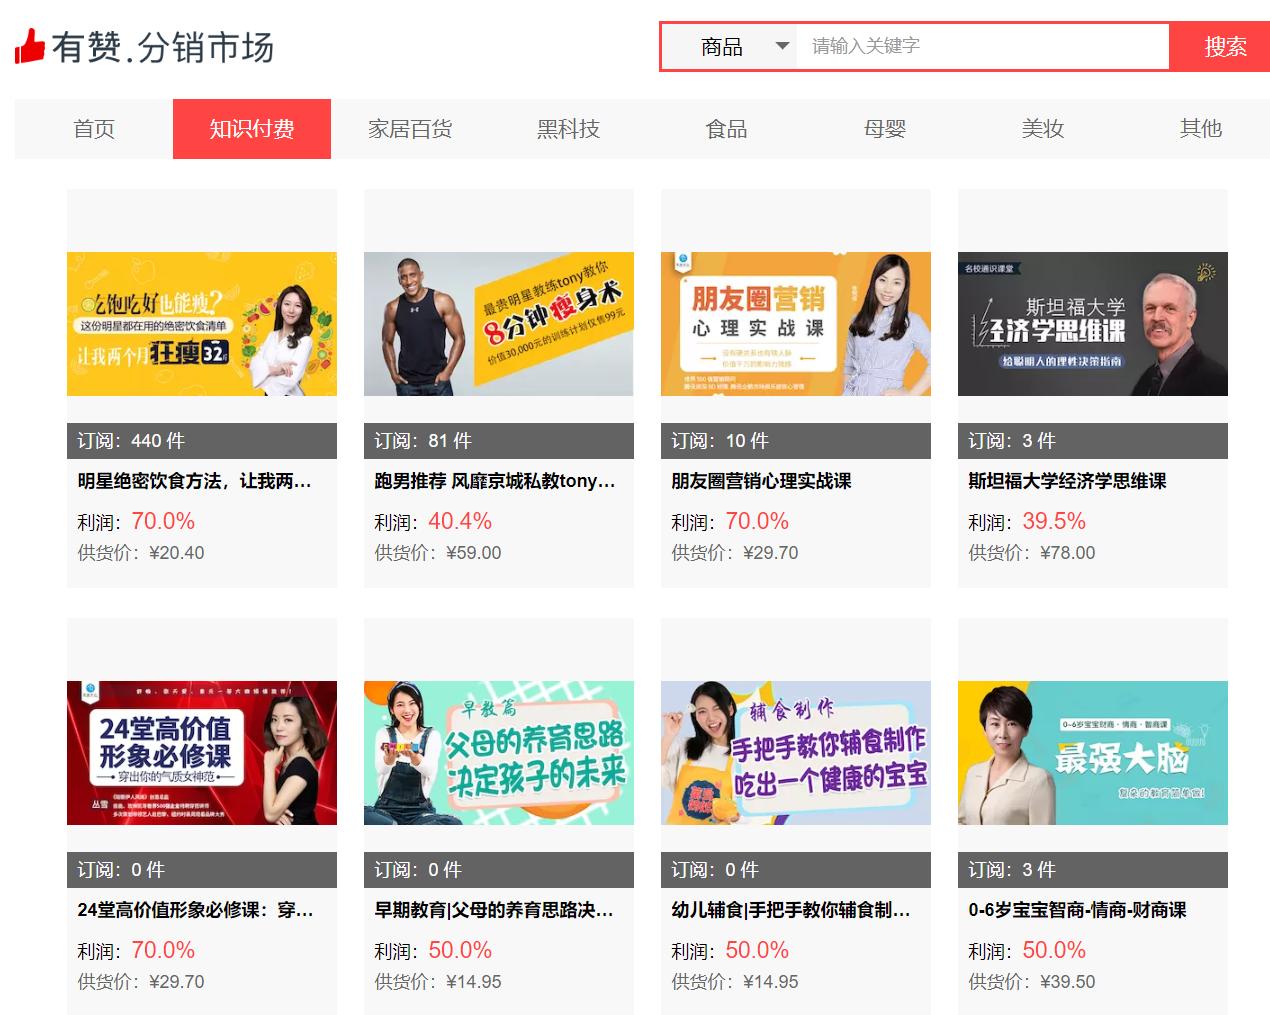 FireShot Screen Capture #023 - '我要分销 - 新世相' - admin_youzan_com_.png